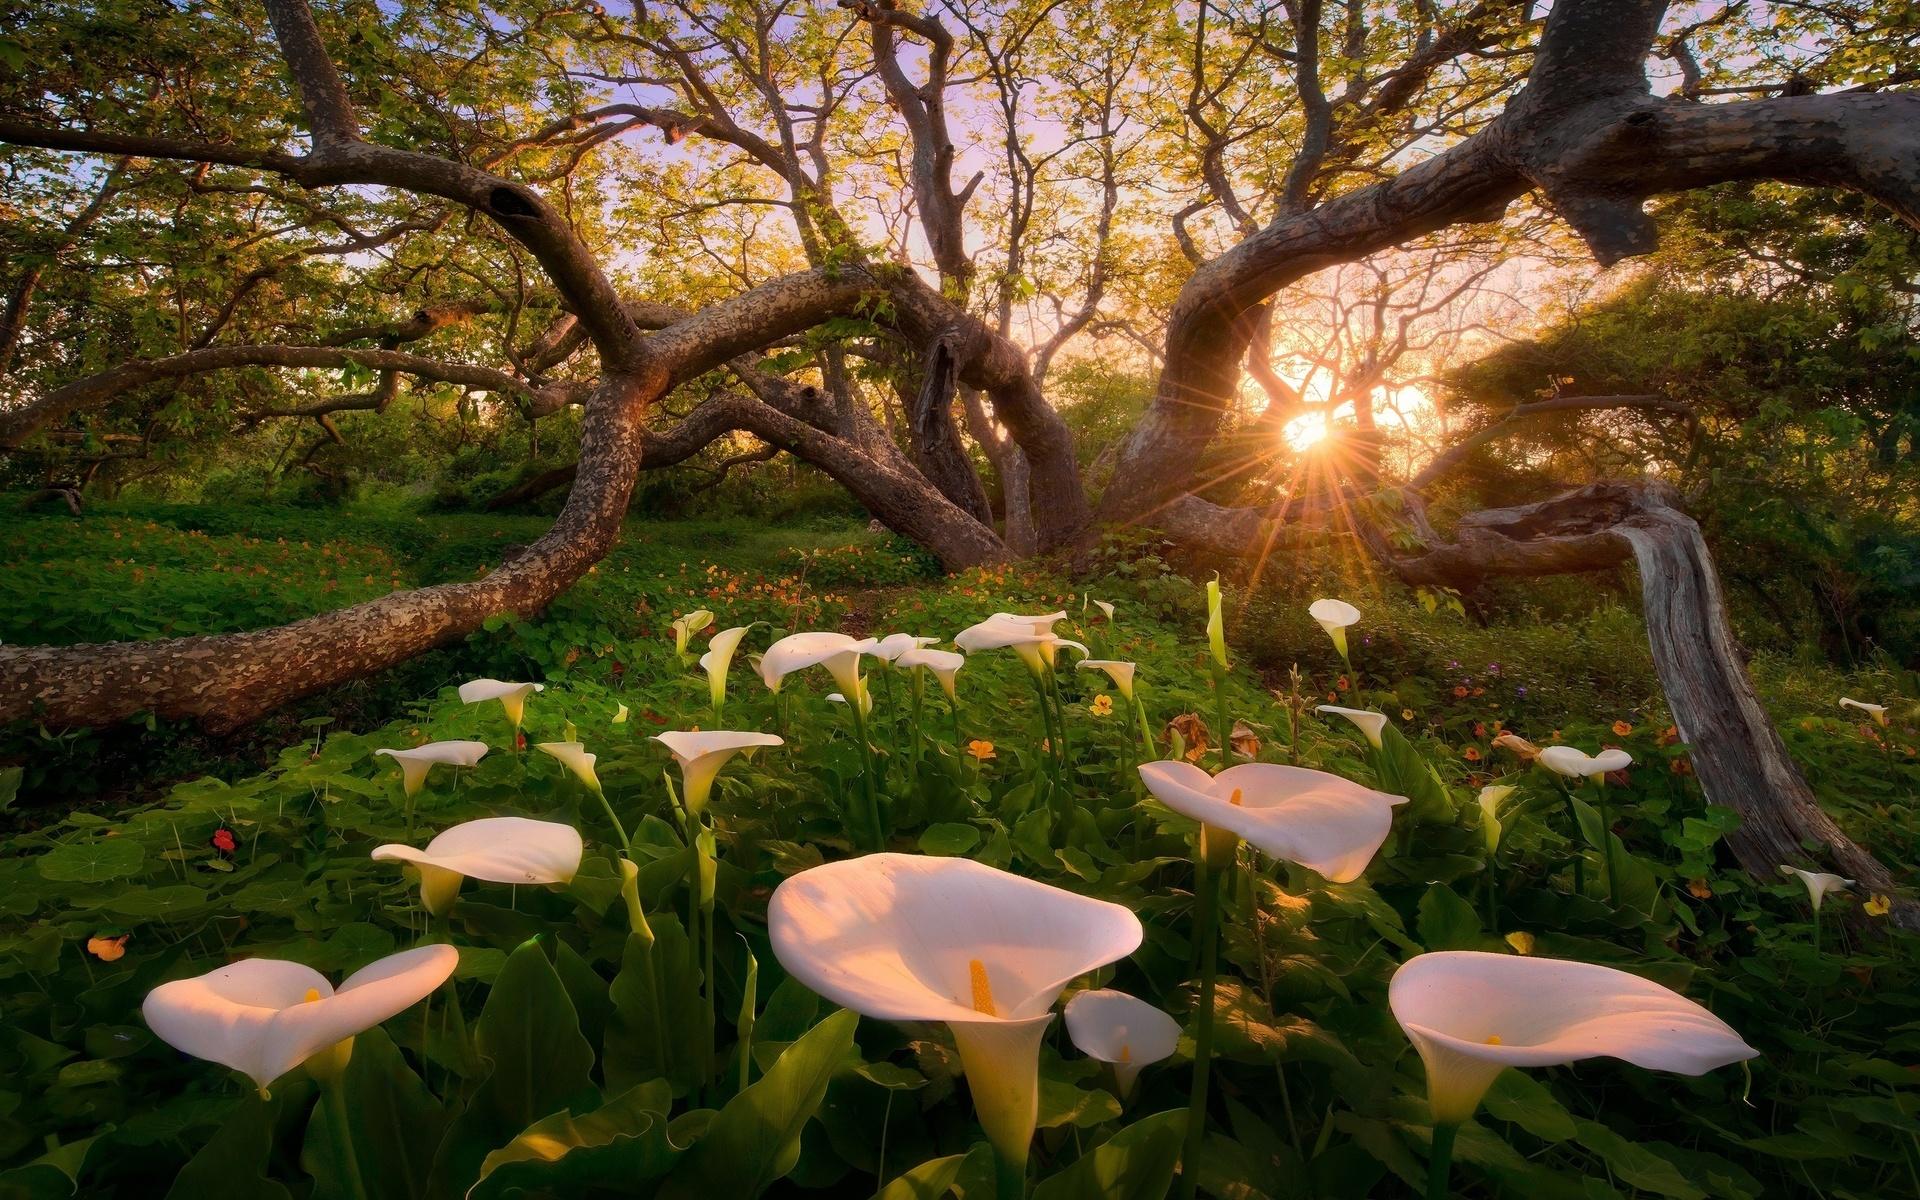 Красивые открытки природы и цветов, картинки поцелуя